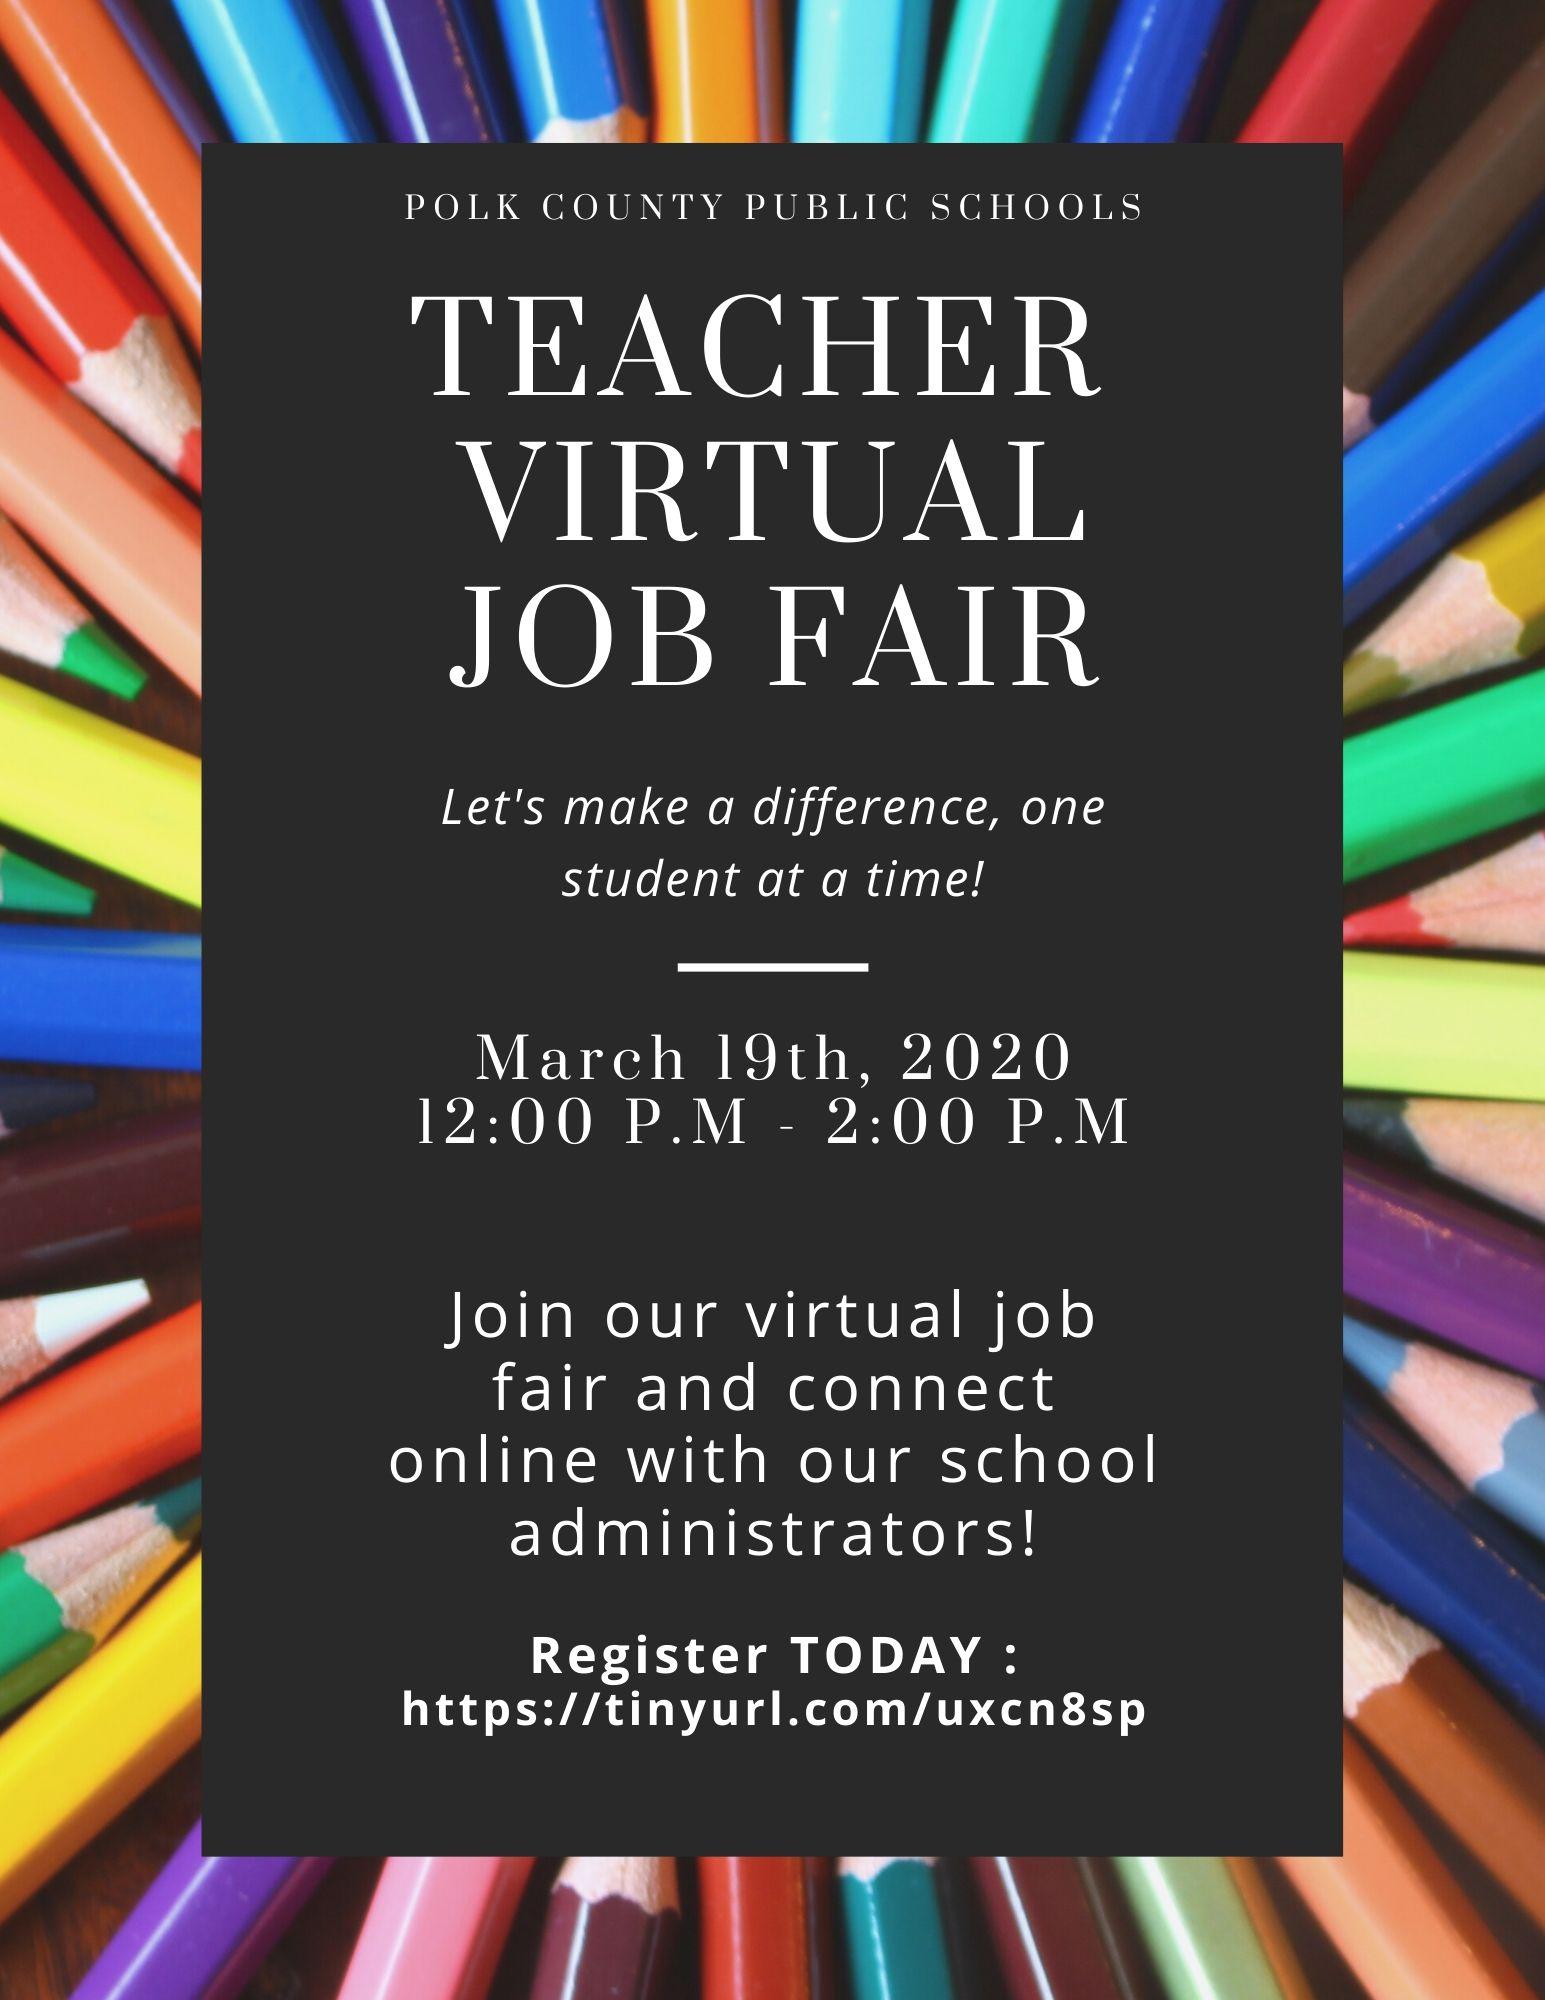 March 19 online job fair flyer